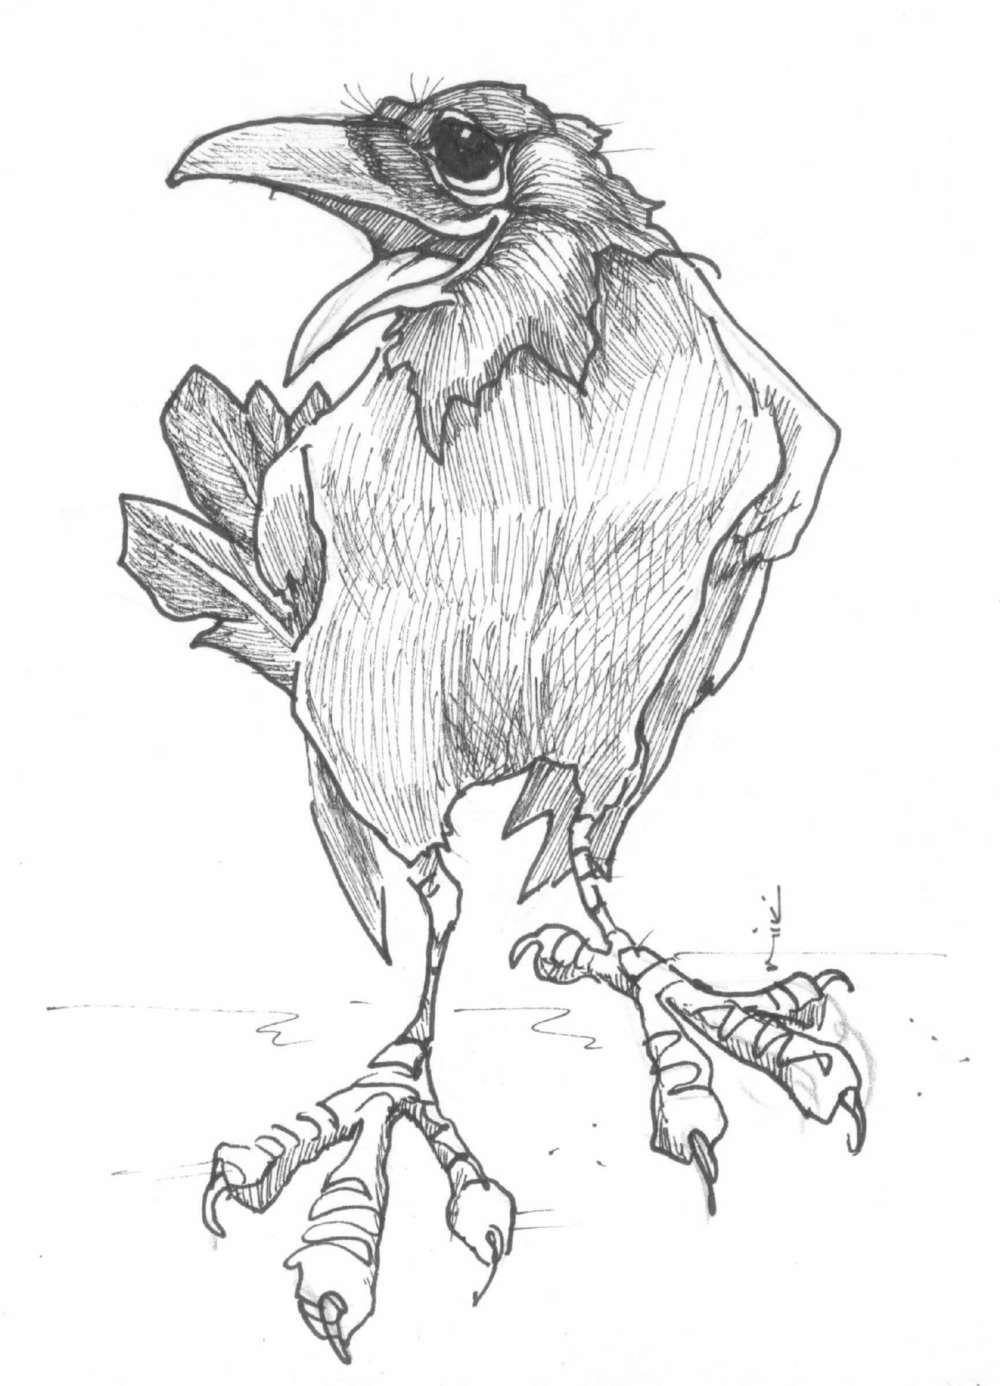 That Raven